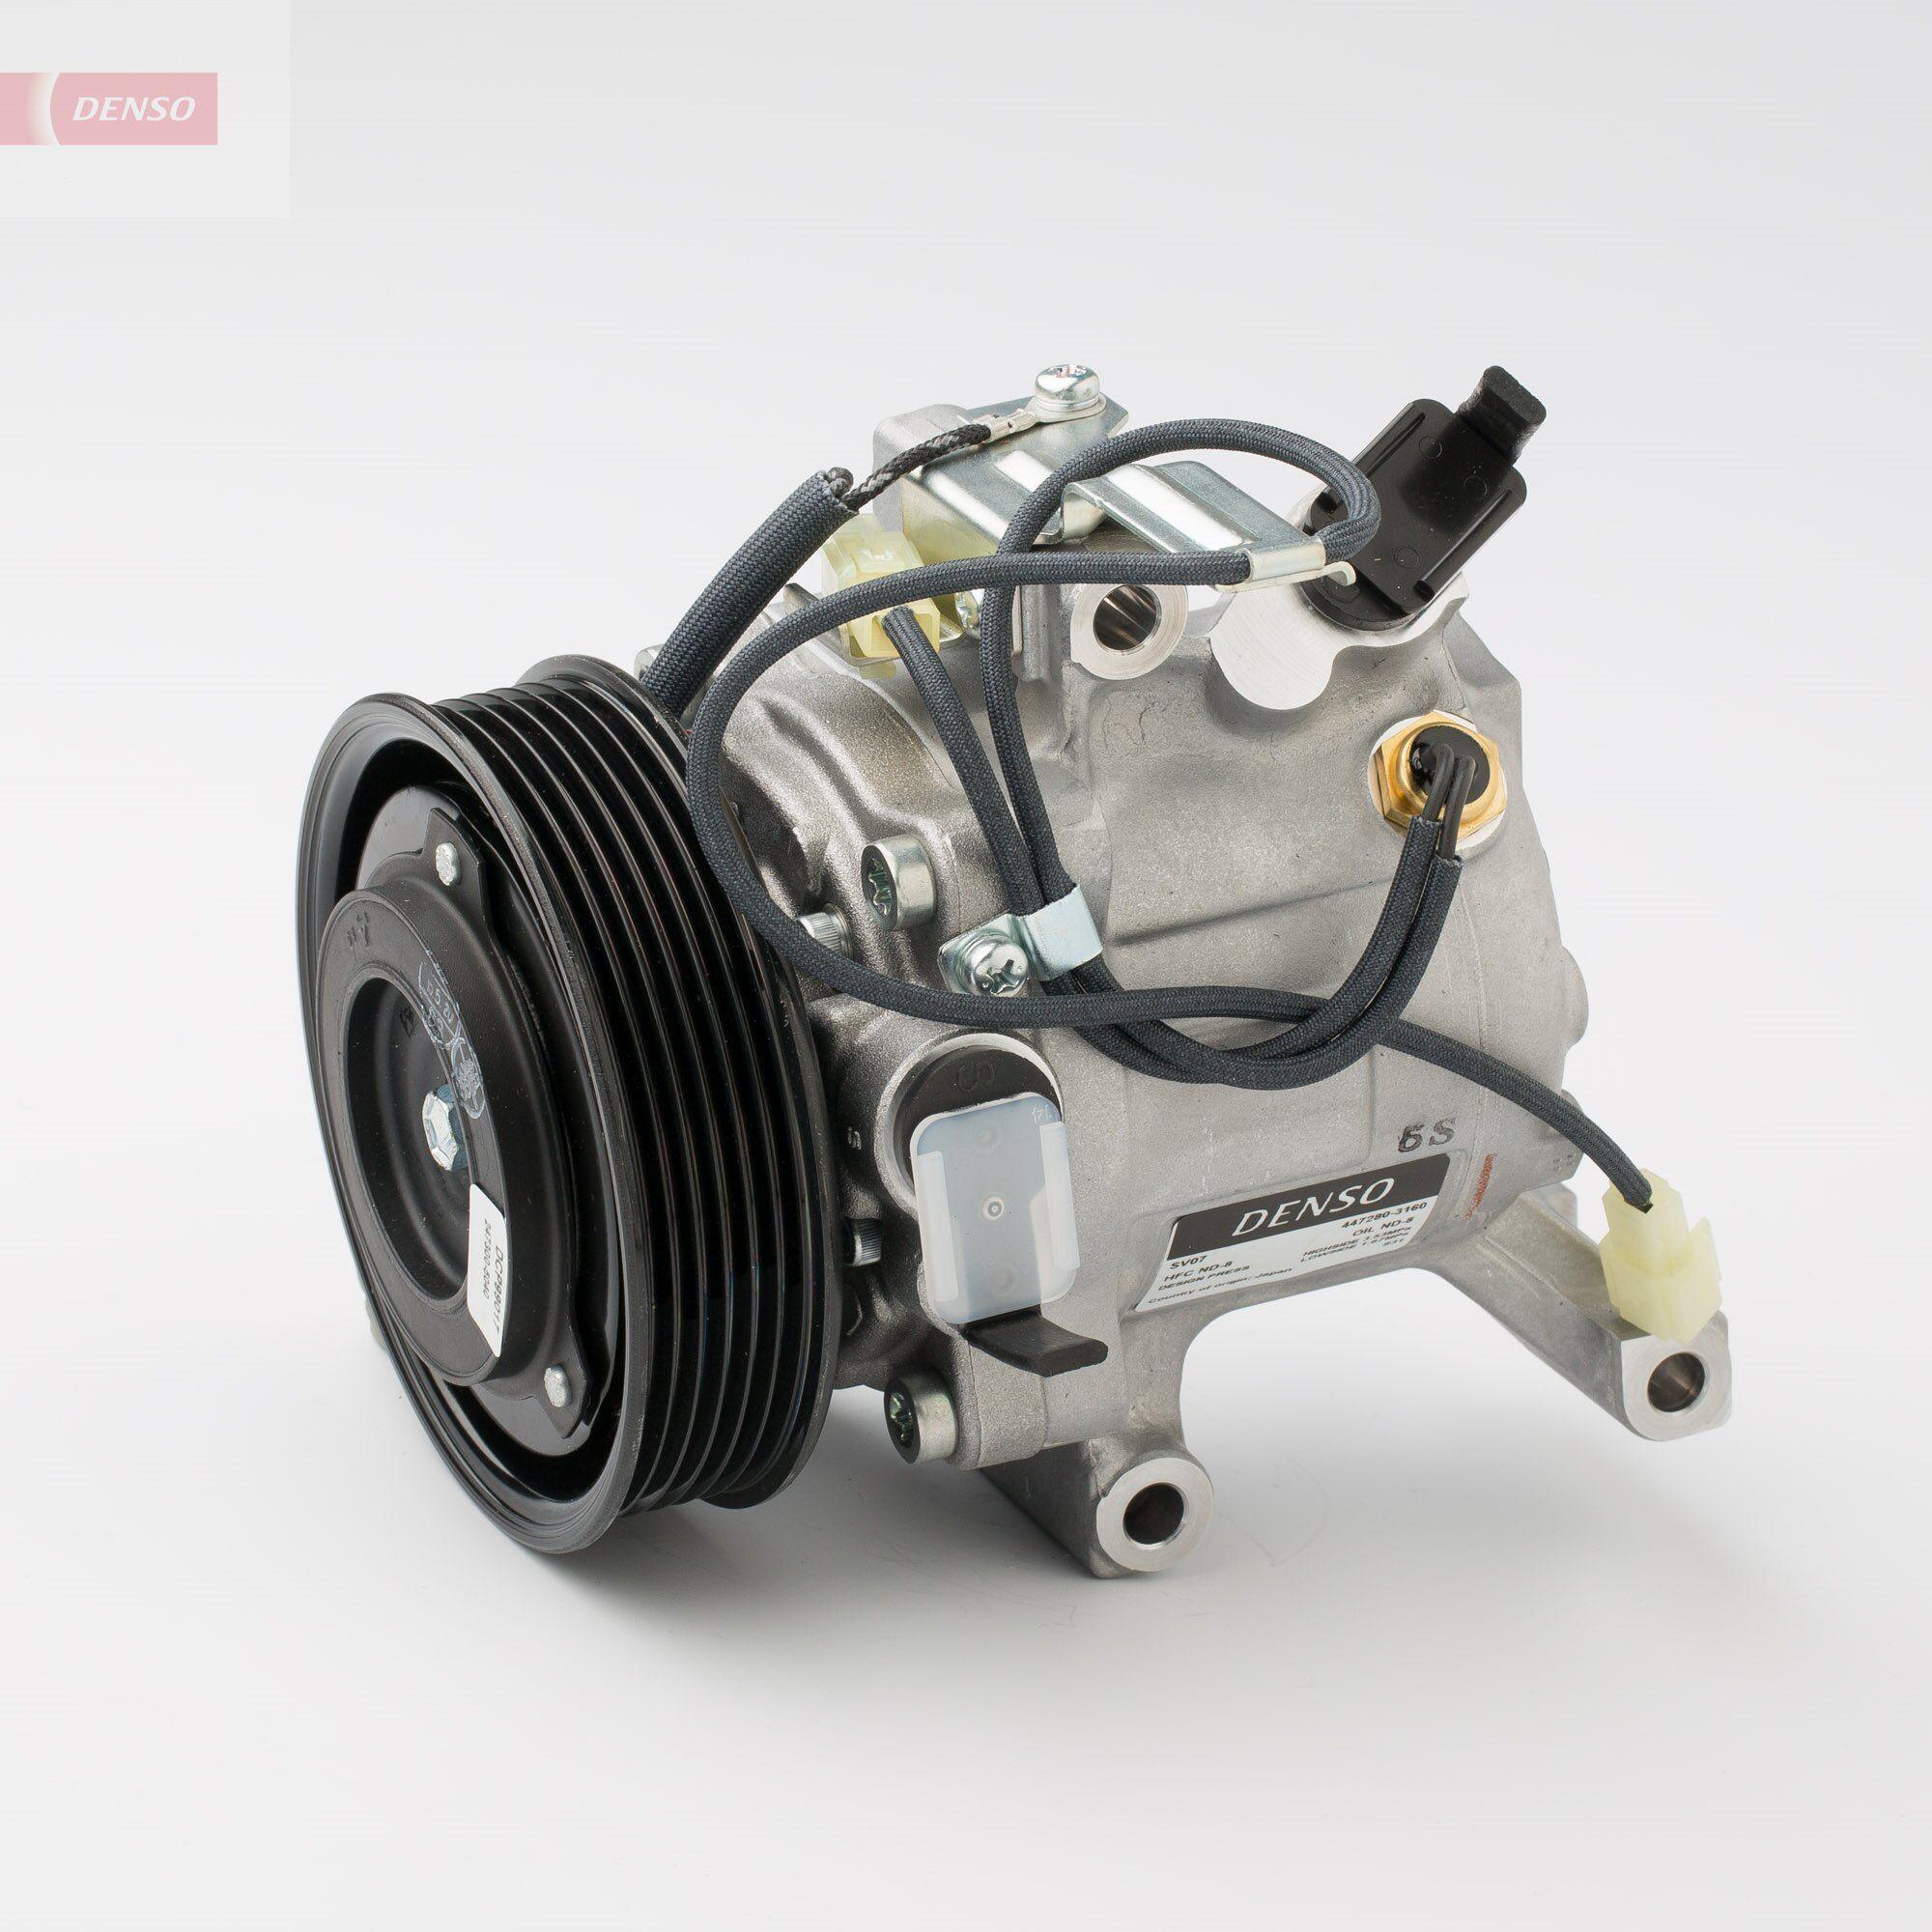 Kompressor DCP99017 – herabgesetzter Preis beim online Kauf